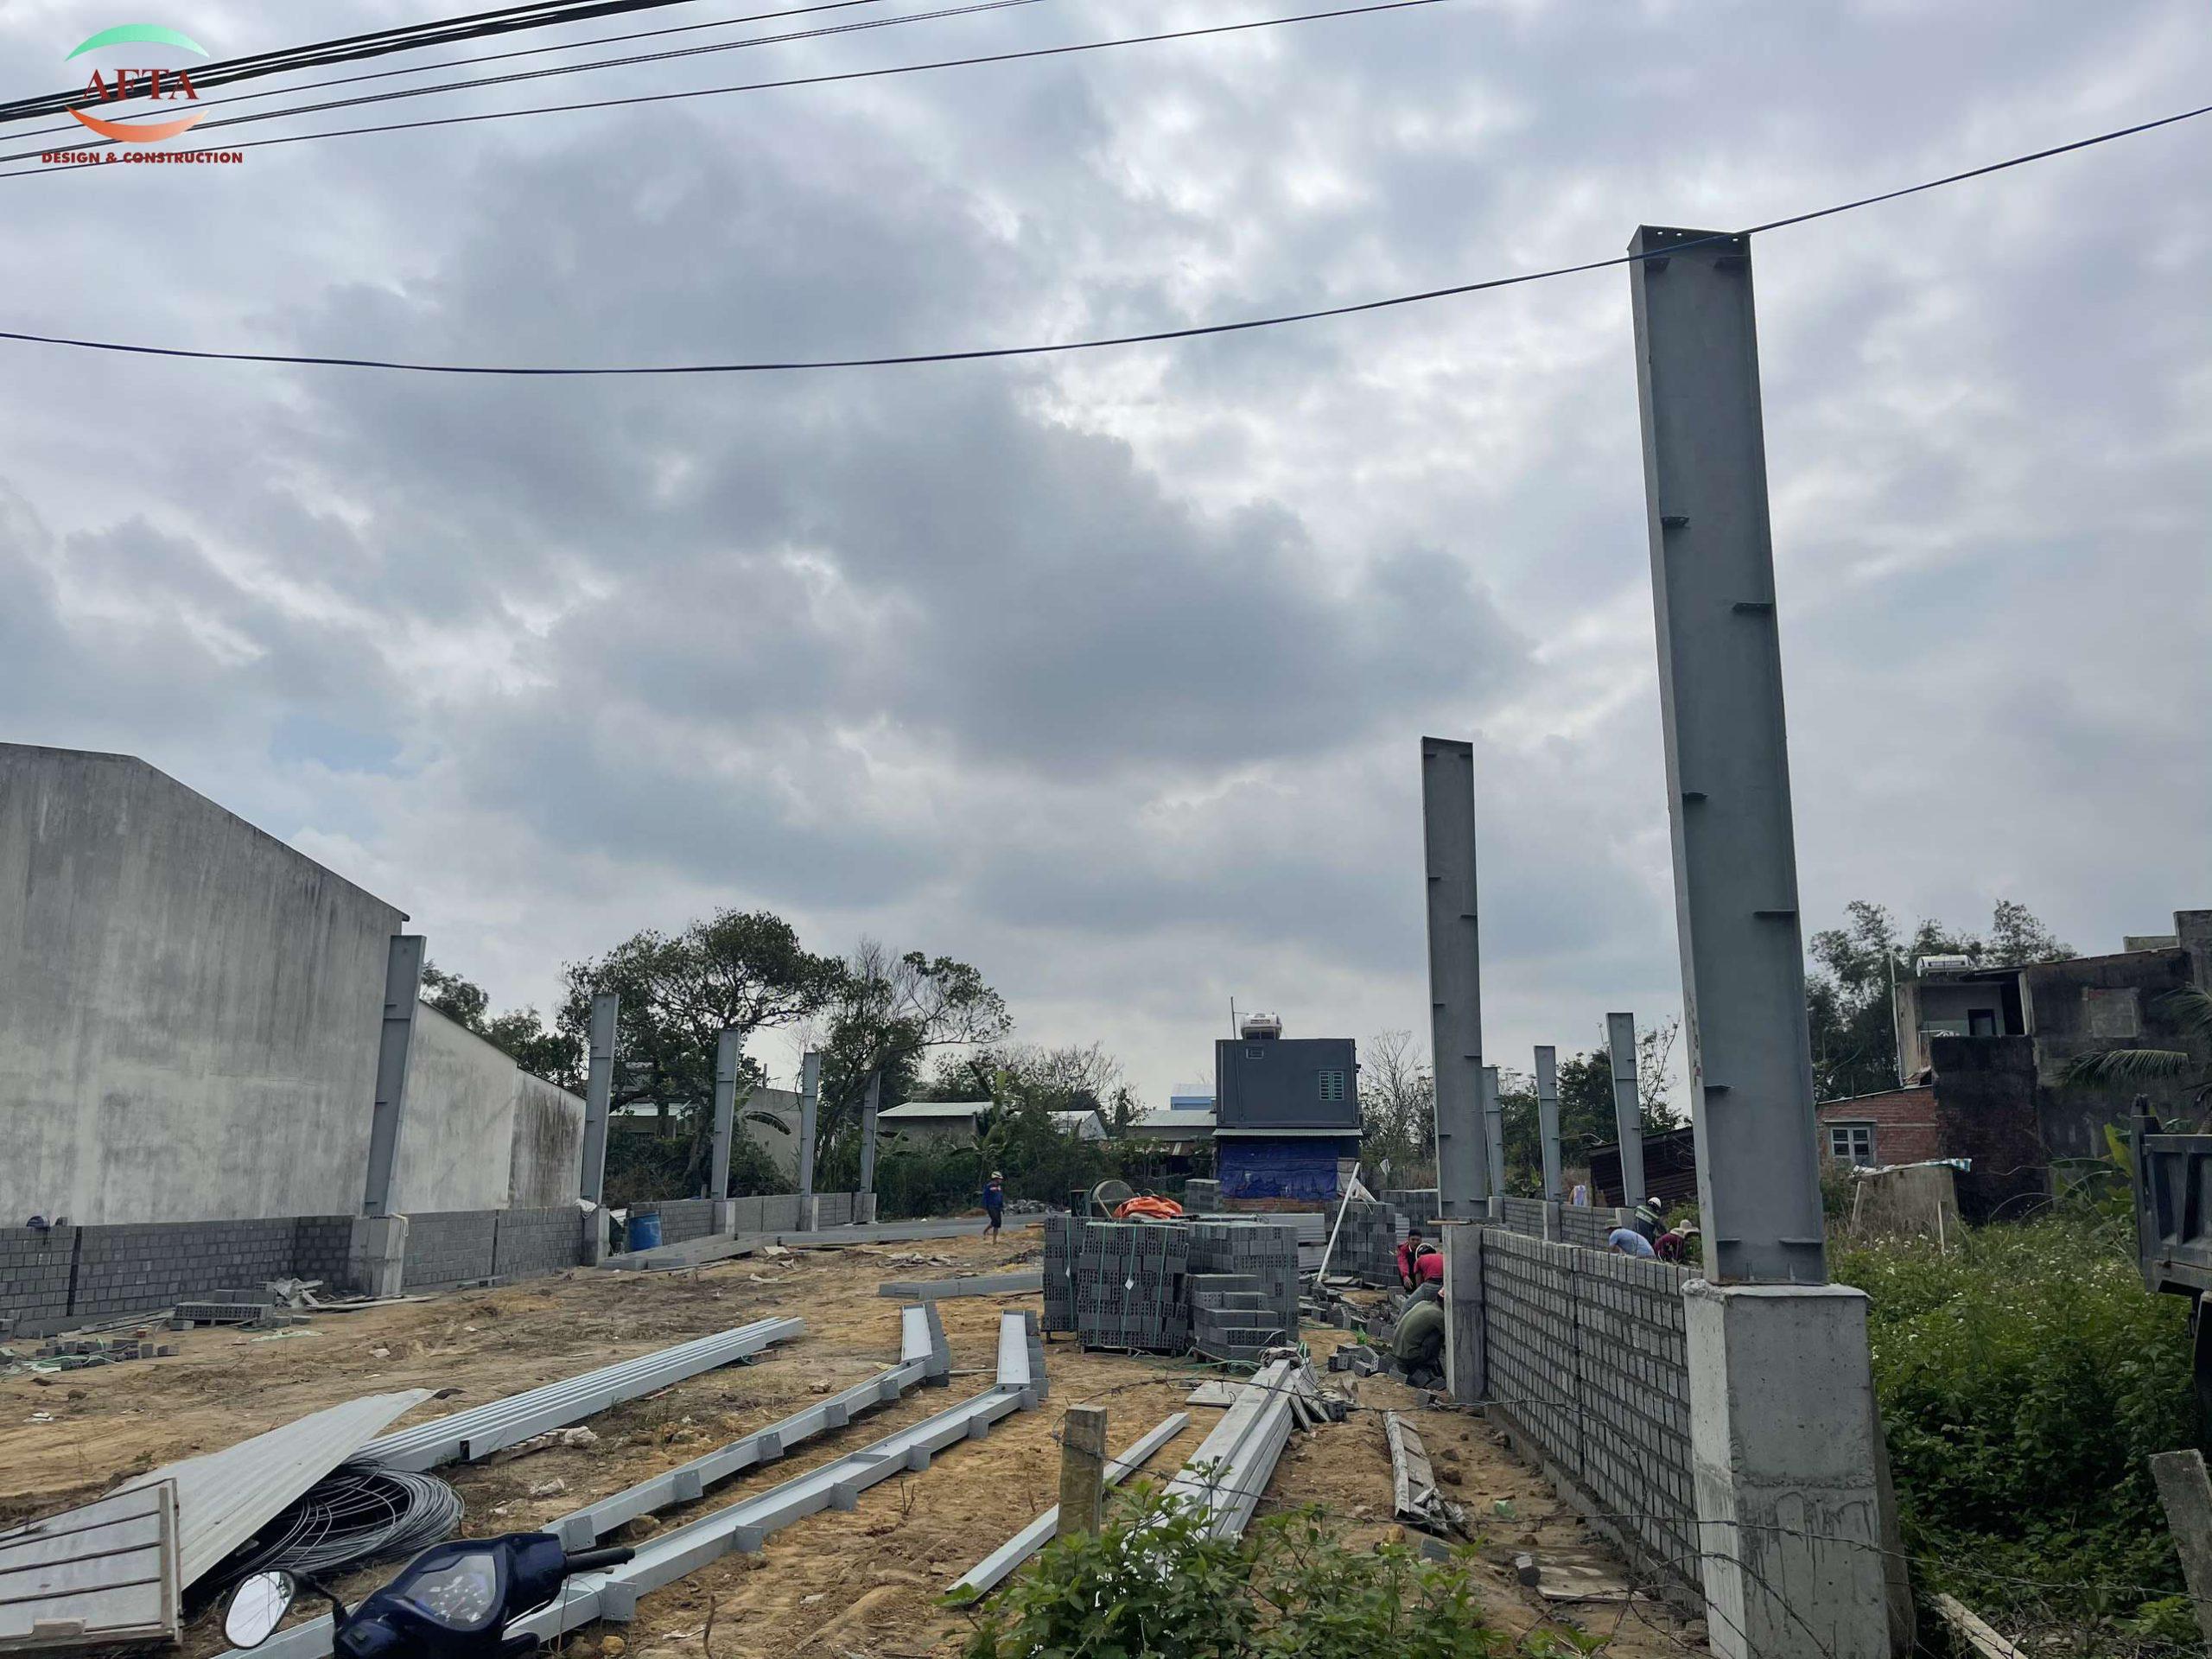 Afta thi công nhà xưởng làm nội thất tại Đà Nẵng